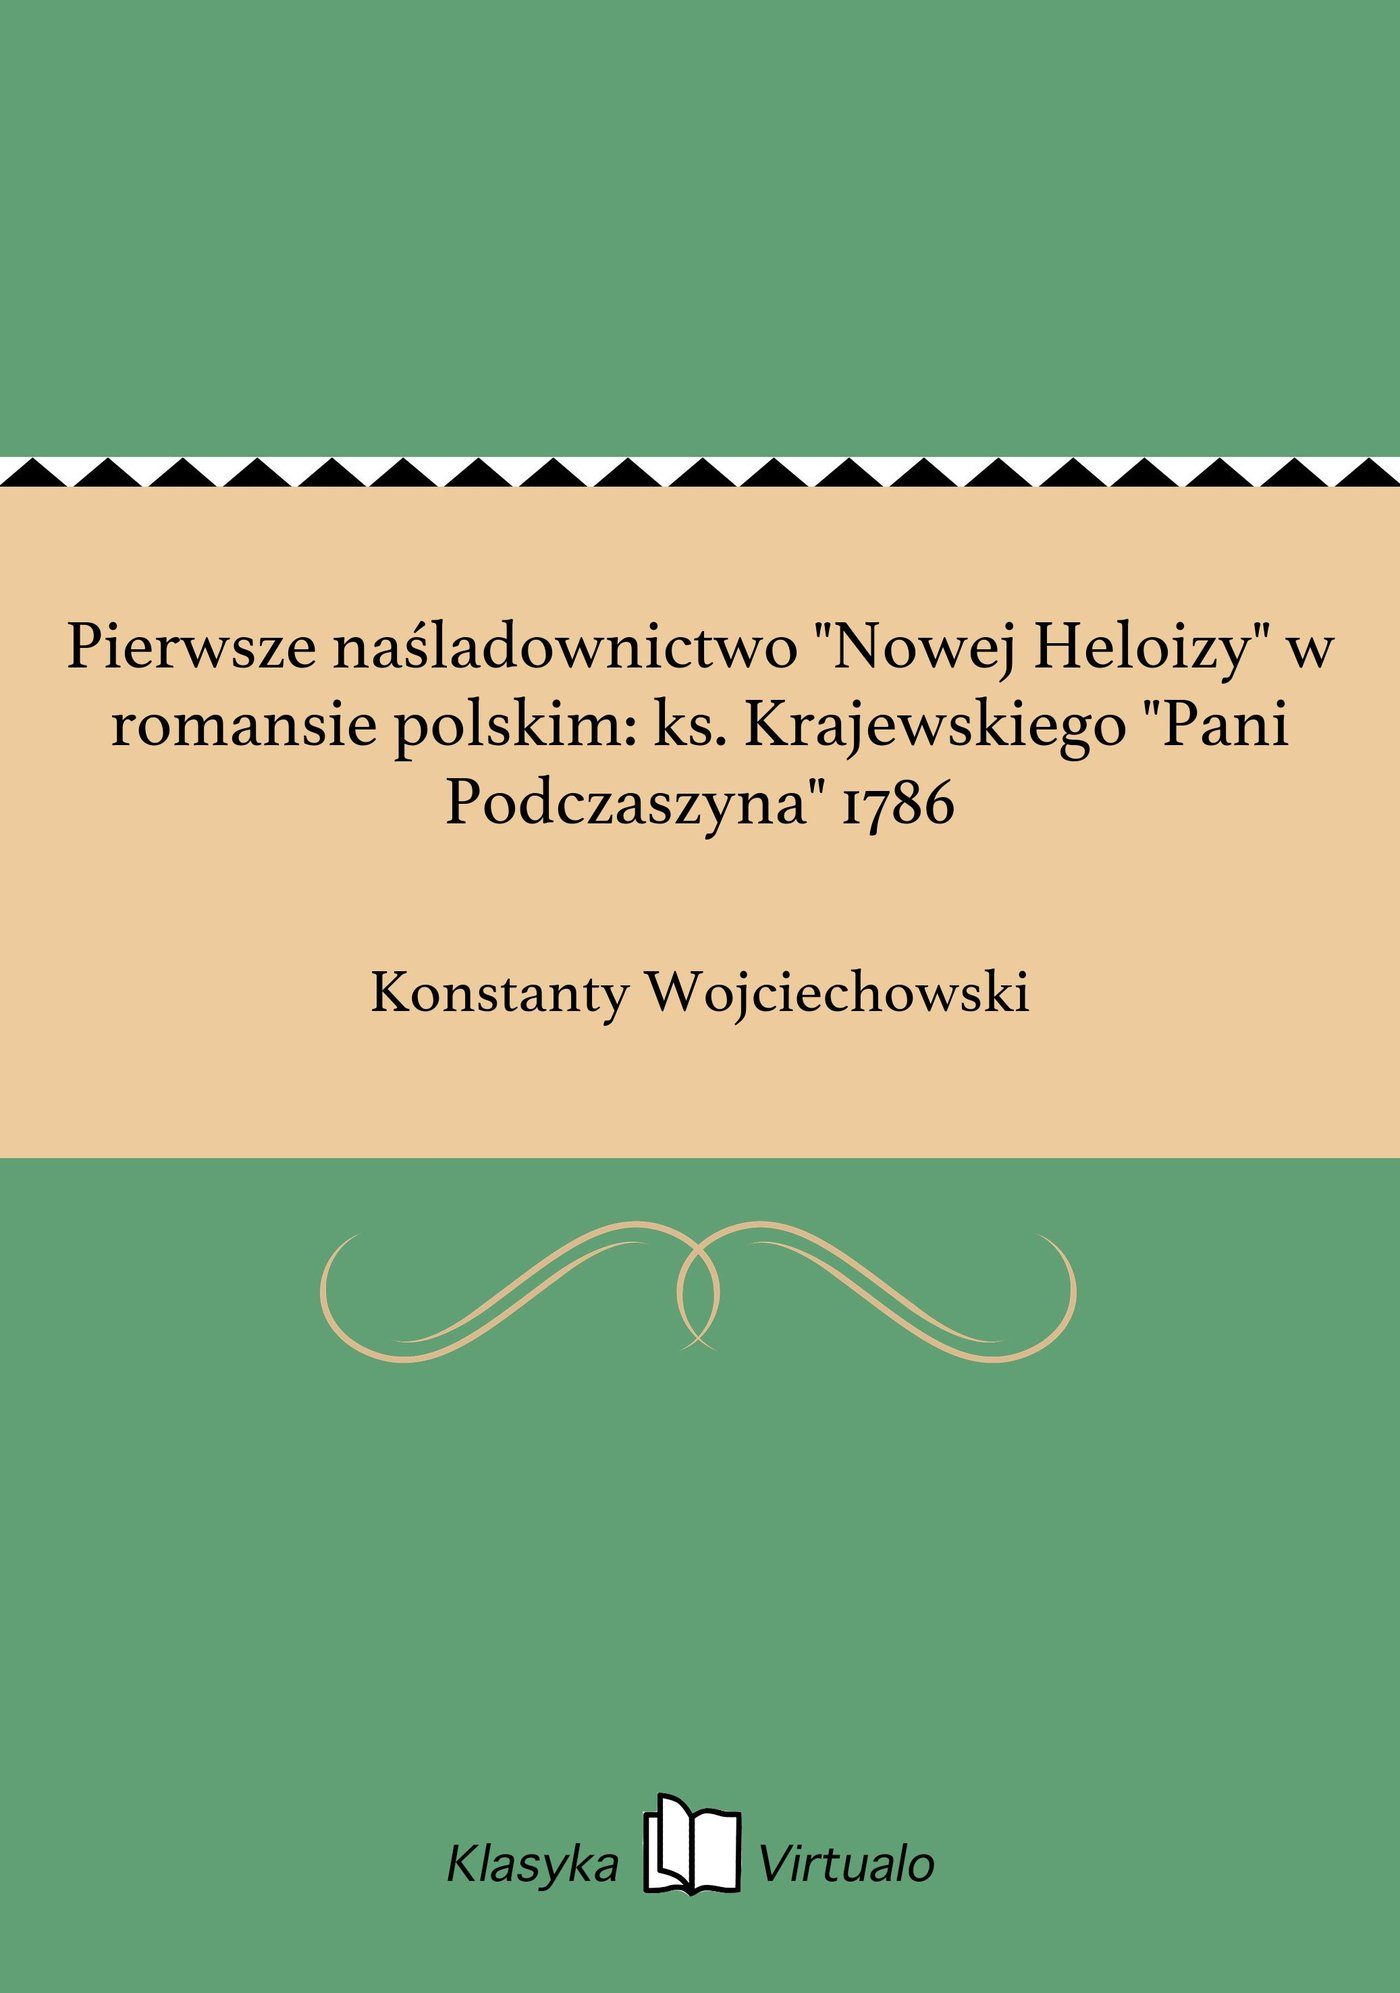 """Pierwsze naśladownictwo """"Nowej Heloizy"""" w romansie polskim: ks. Krajewskiego """"Pani Podczaszyna"""" 1786 - Ebook (Książka EPUB) do pobrania w formacie EPUB"""